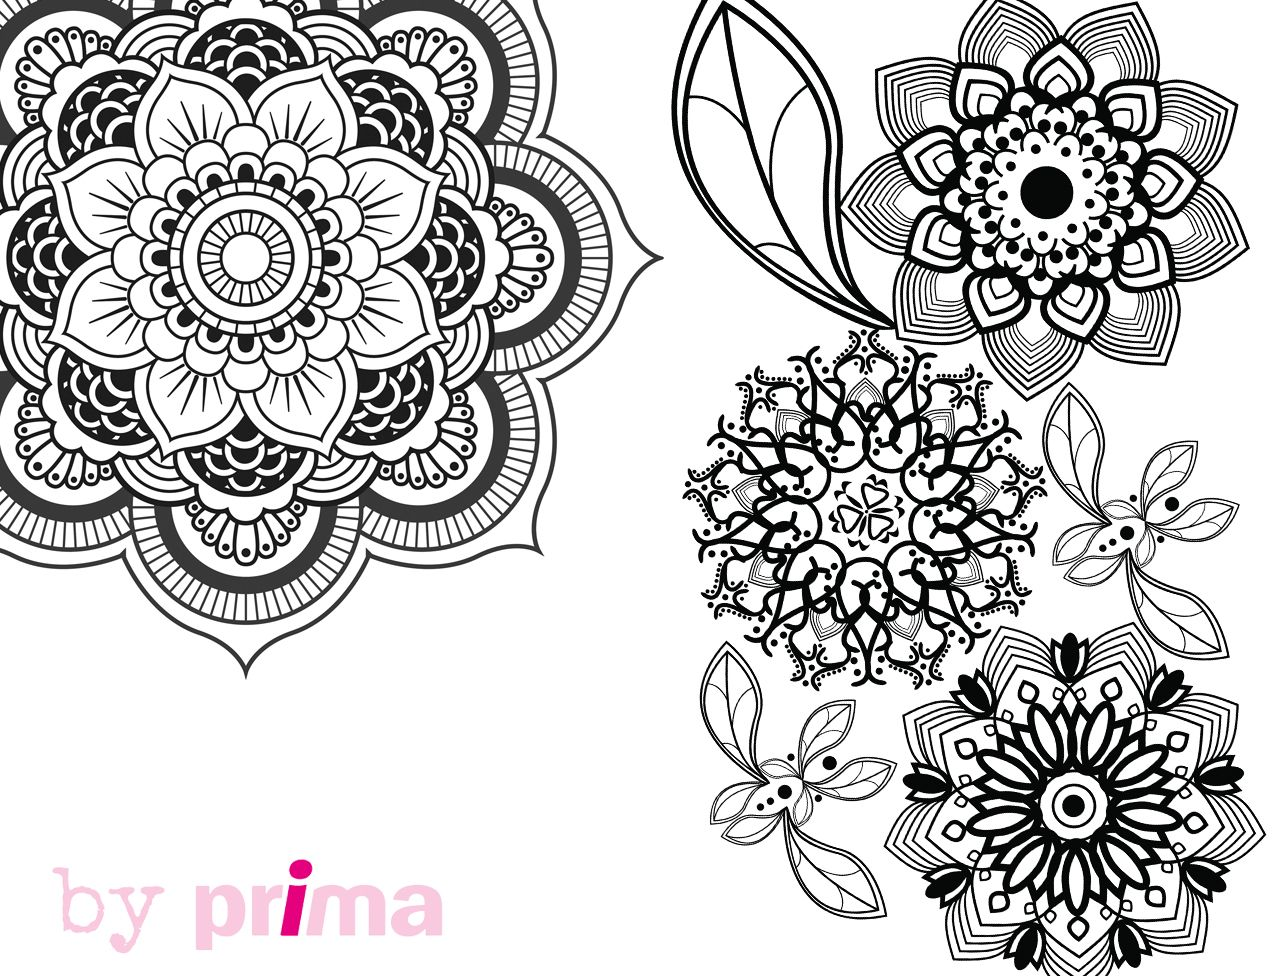 Mandala Et Coloriage Fleur A Imprimer Coloriage Coloriage Fleur A Imprimer Coloriage Fleur